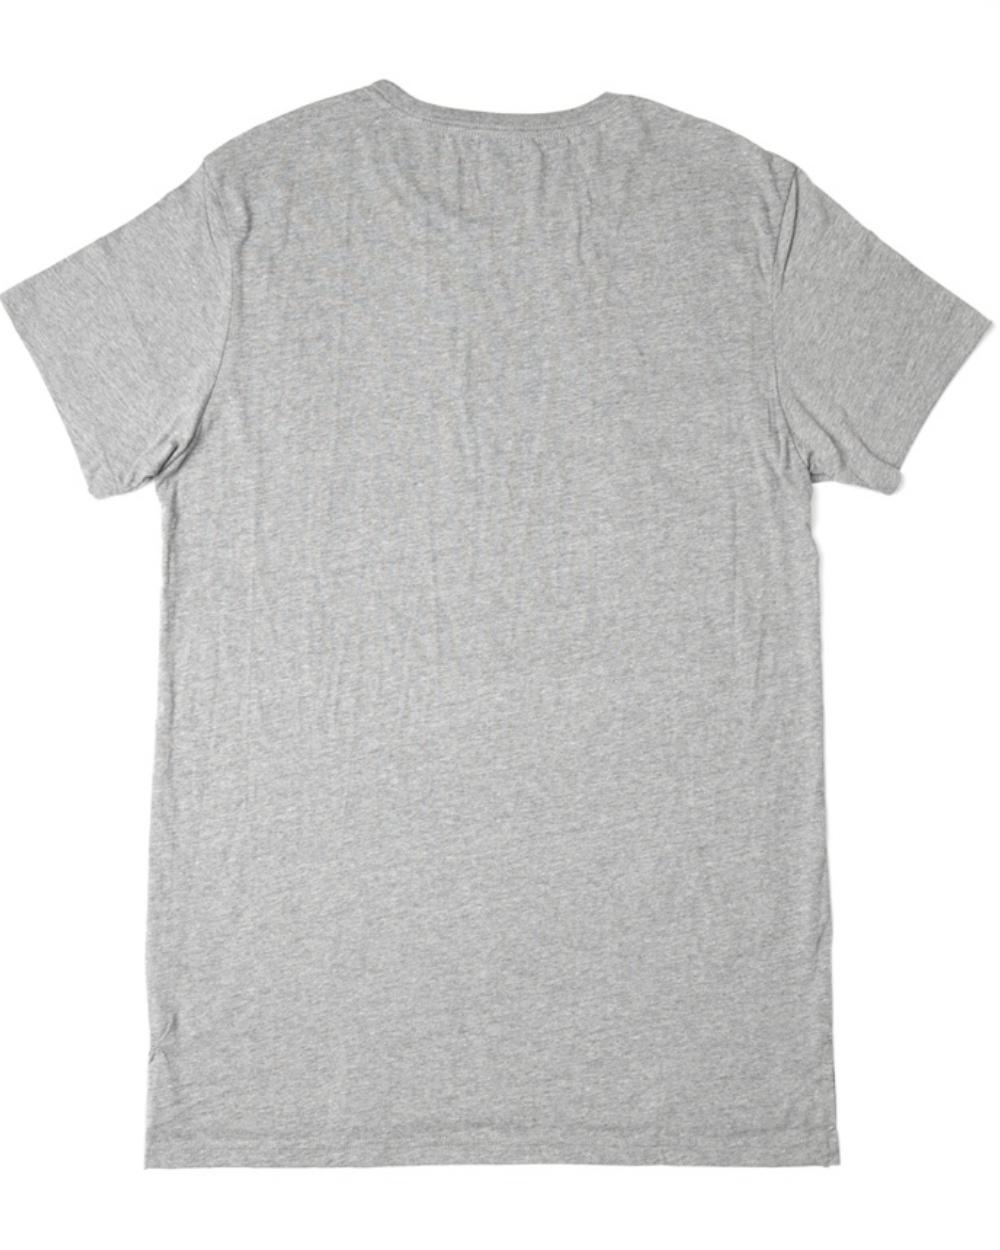 2015 Tavik Men's Grey Driver Knit - Back